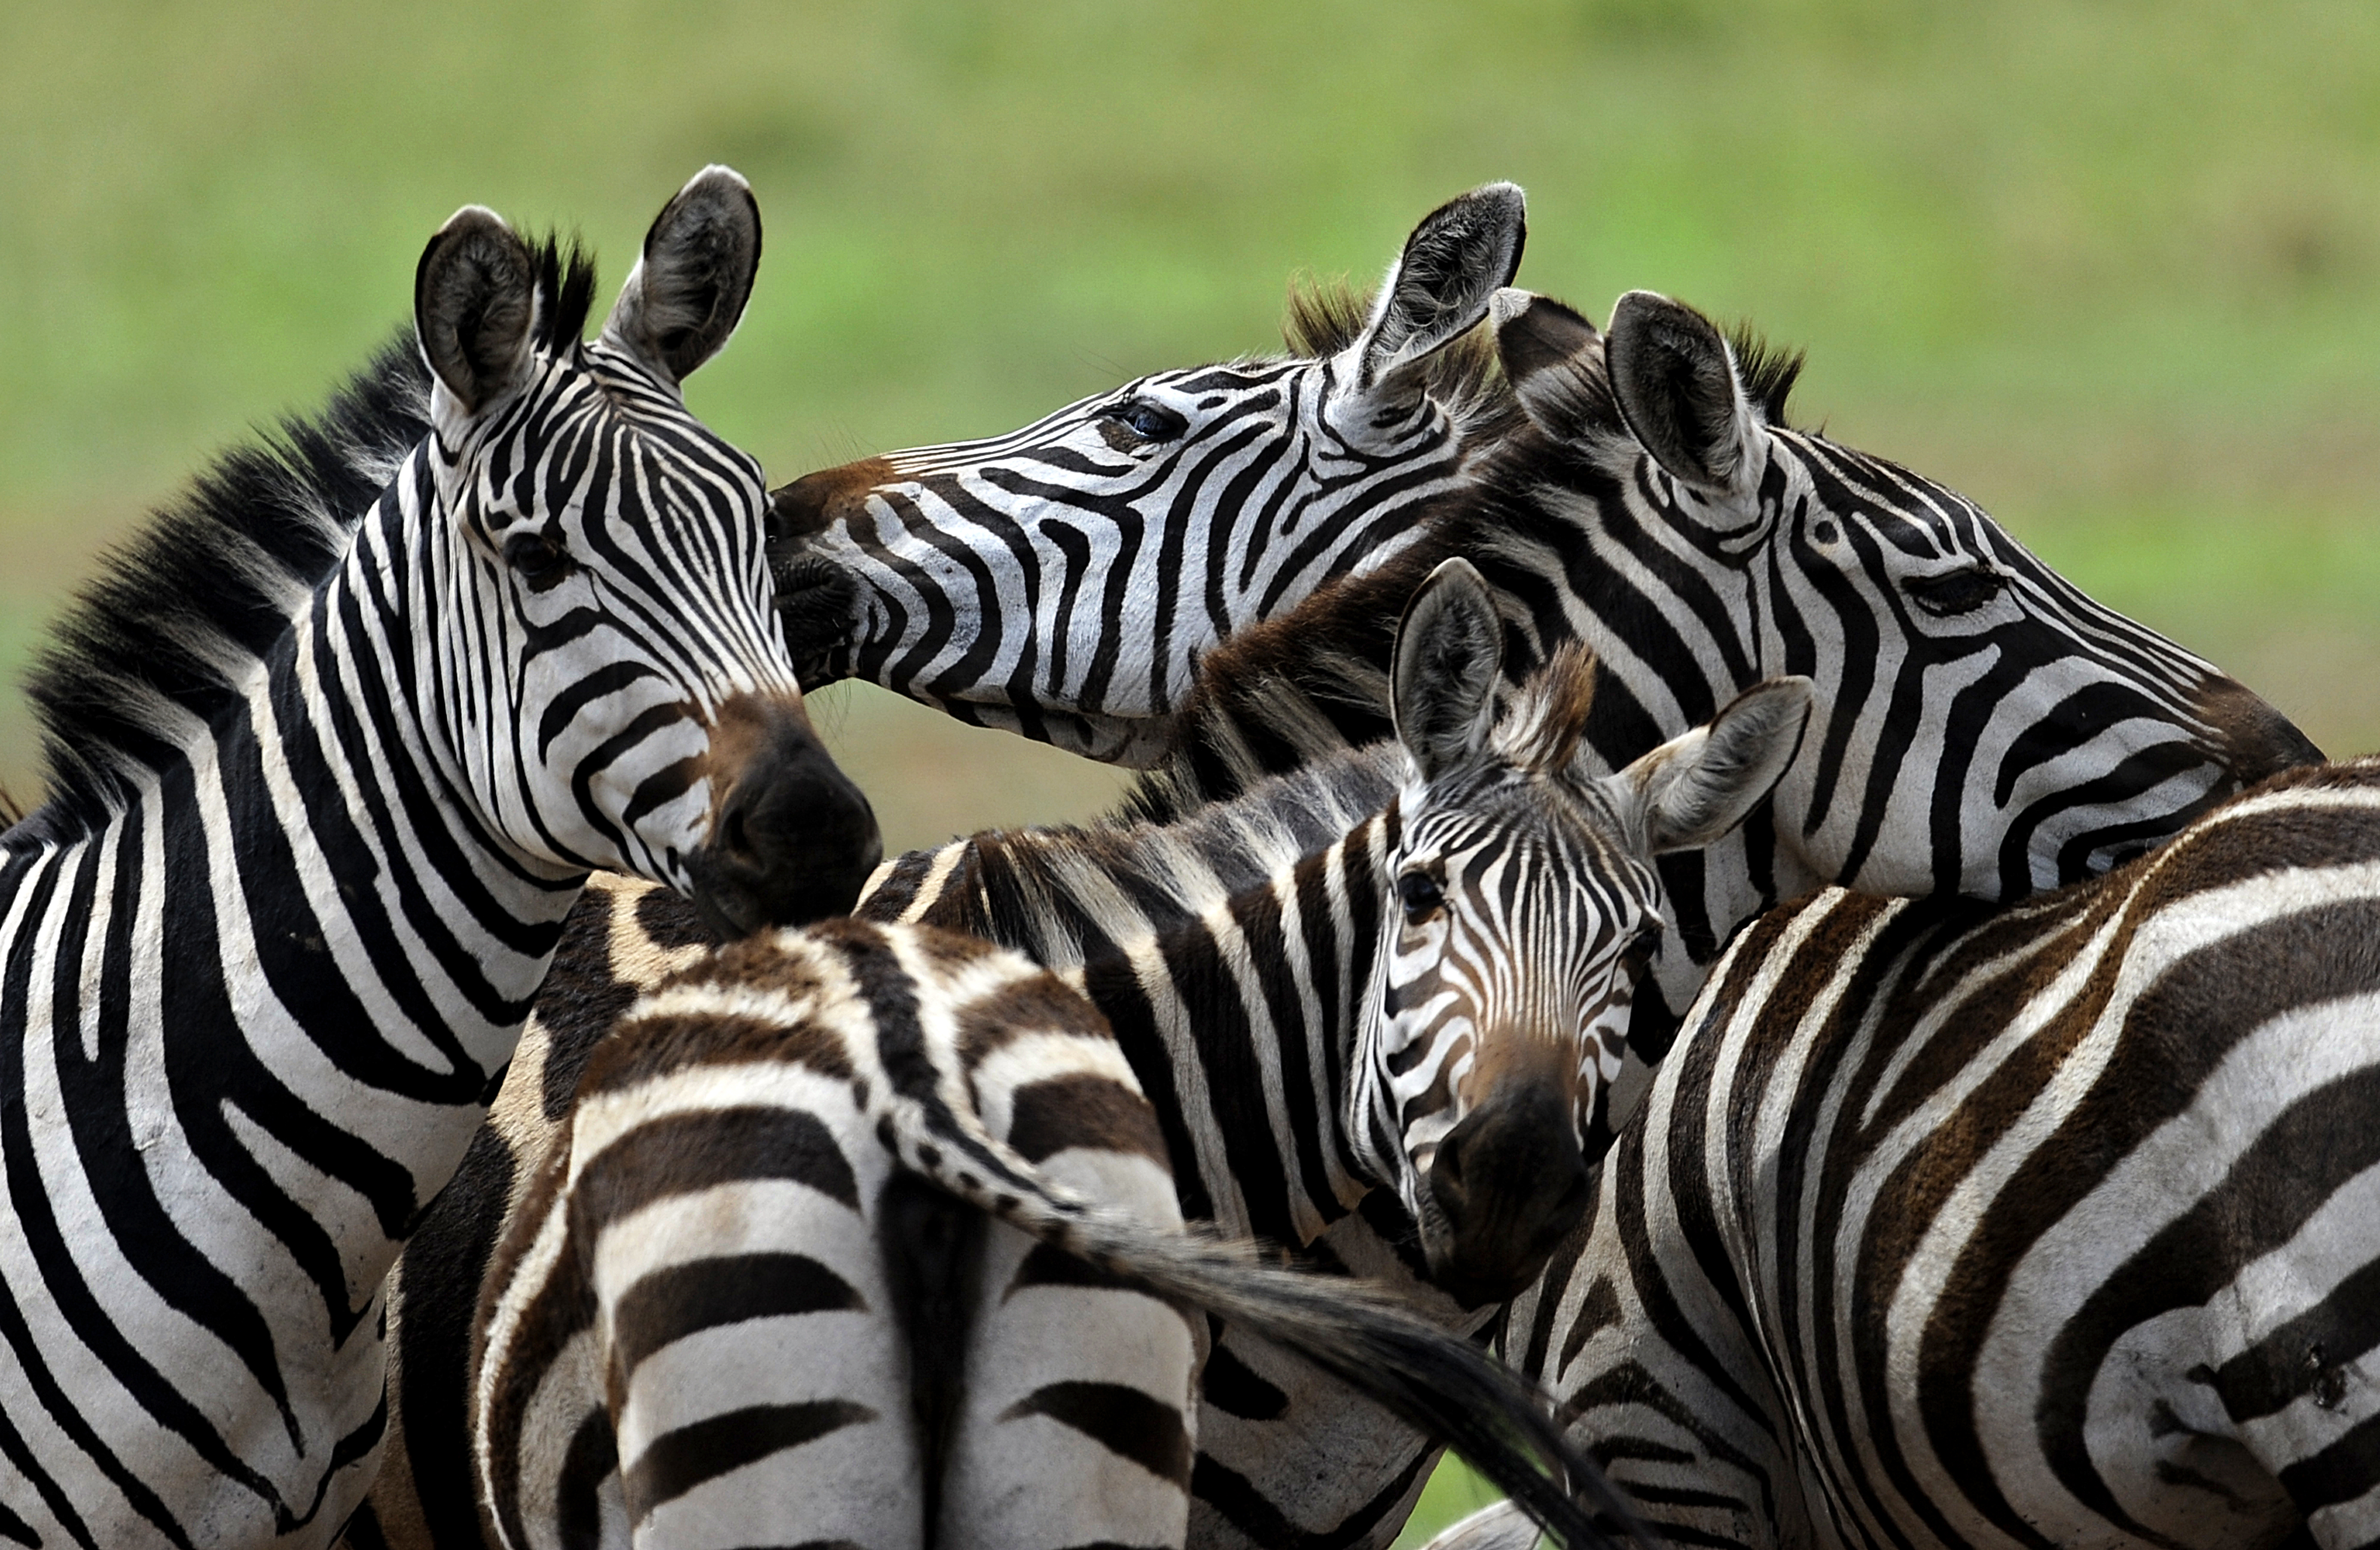 La zebra e l'importanza delle strisce